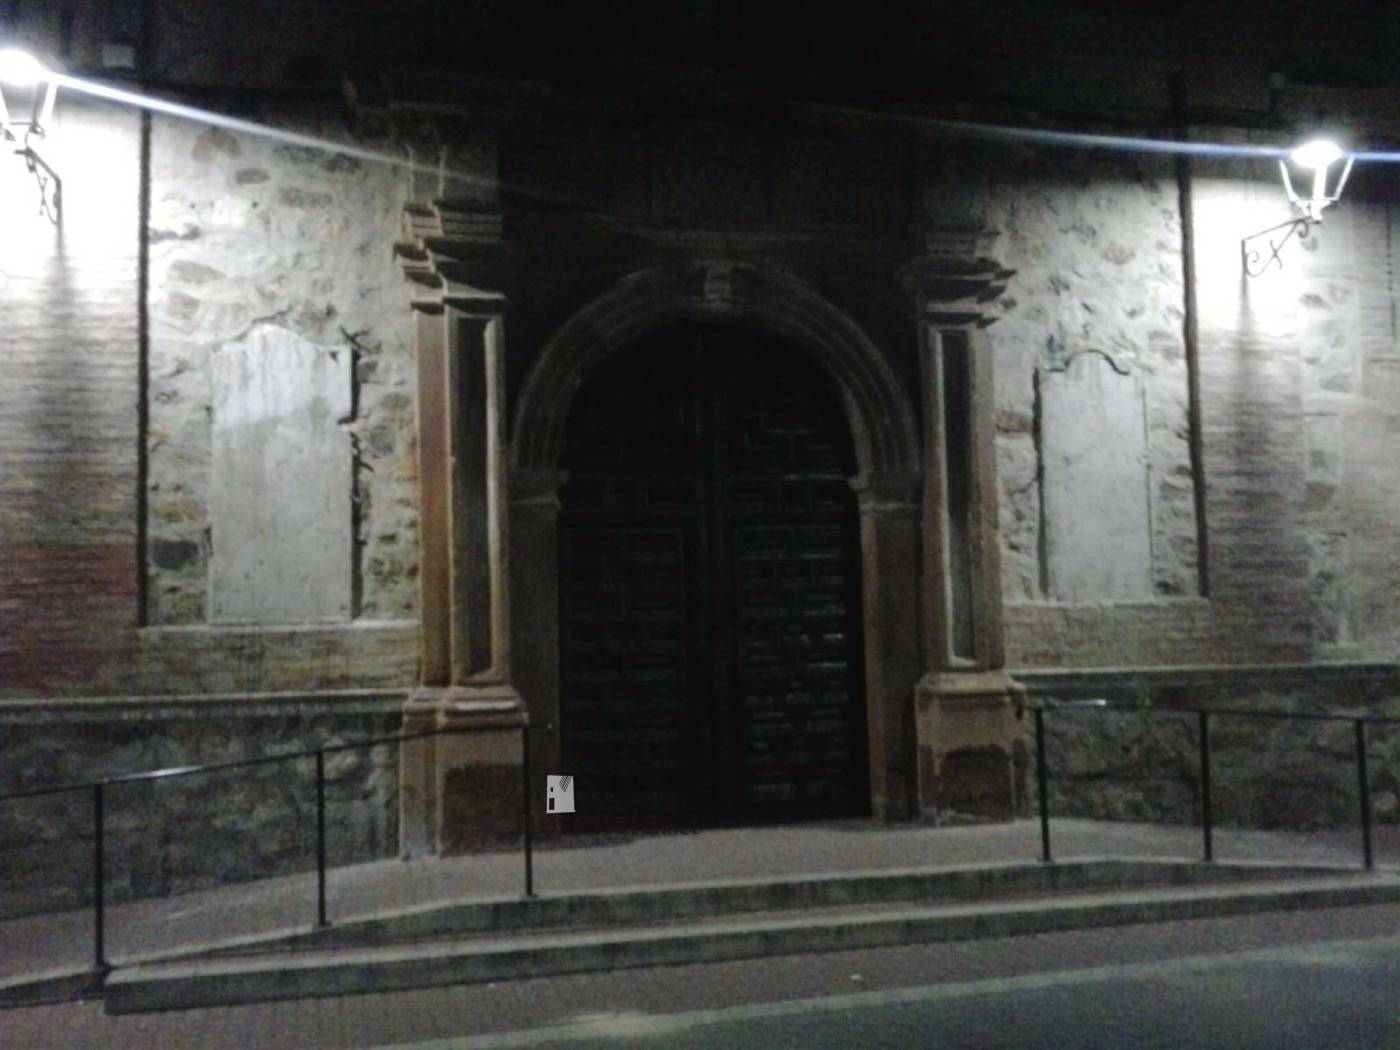 retirada de placas de fachada del convento en Herencia 4 - Fundación Franco galardona el intento de impedir retirada de placas del Convento